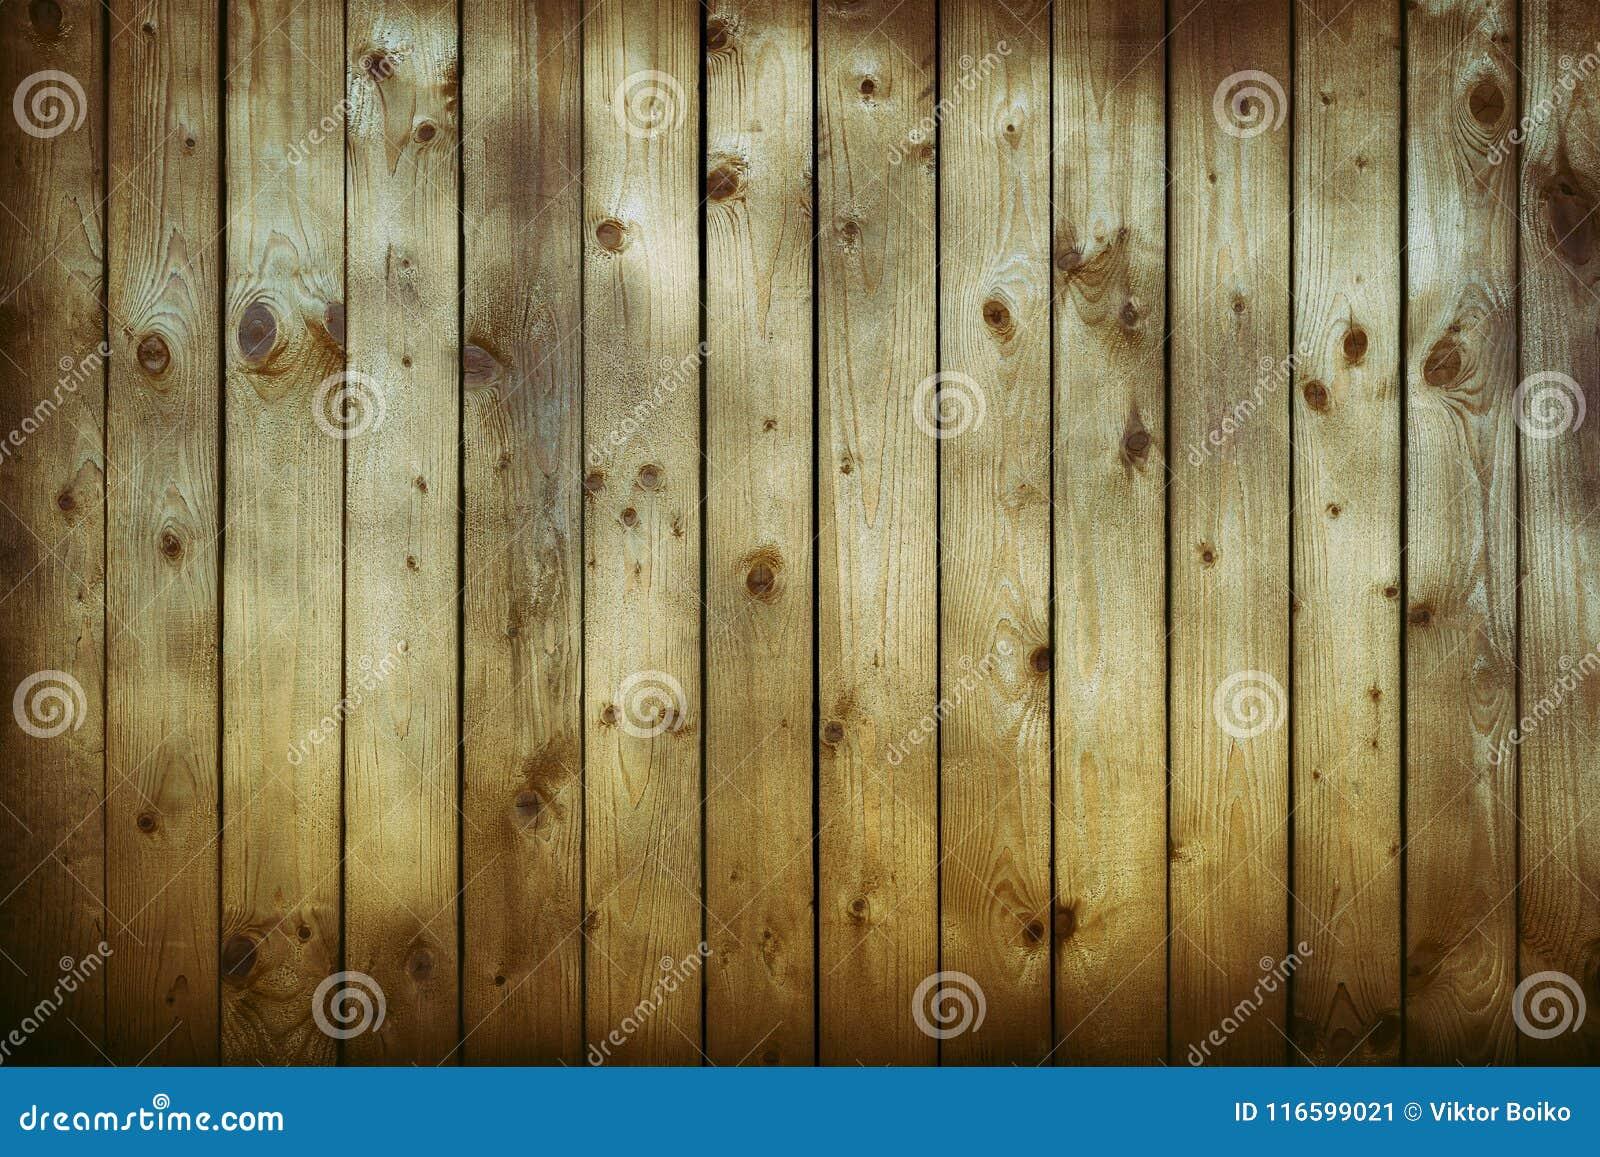 Wyszczególnia wielkie grunge panel tekstury drewniane